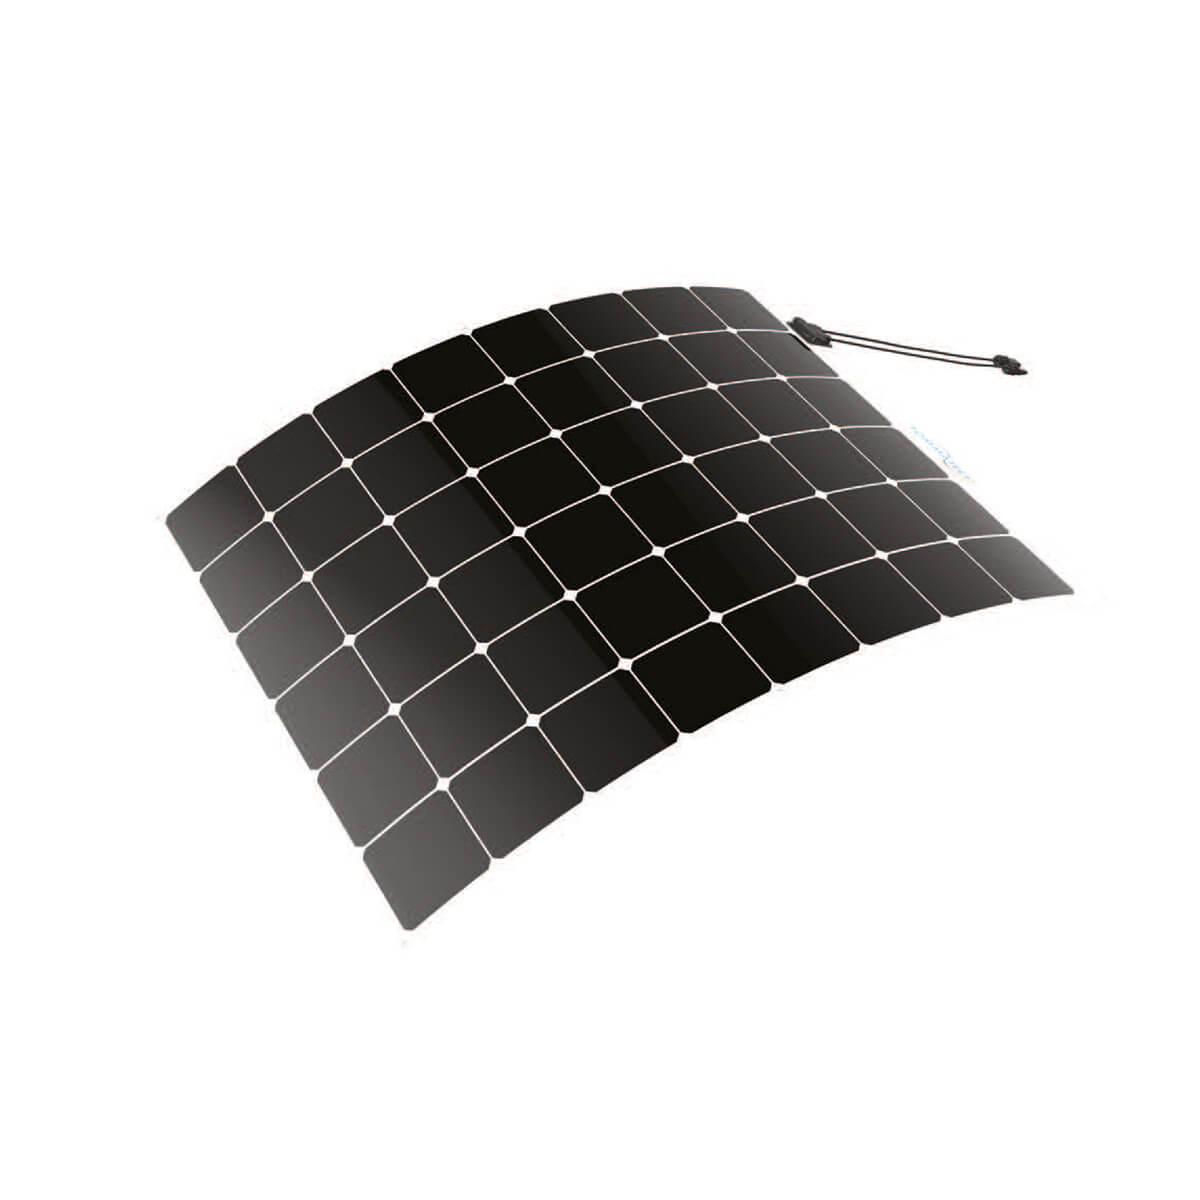 tommatech 170W panel, tommatech 170Watt esnek gunes paneli, tommatech 170 W panel, tommatech 170 Watt panel, tommatech 170 Watt esnek gunes paneli, tommatech 170 W watt gunes paneli, tommatech 170 W watt esnek gunes paneli, tommatech 170 W Watt fotovoltaik esnek gunes paneli, tommatech 170W esnek gunes enerjisi, tommatech TT-FLEX-170W esnek gunes paneli, TOMMATECH 170 WATT